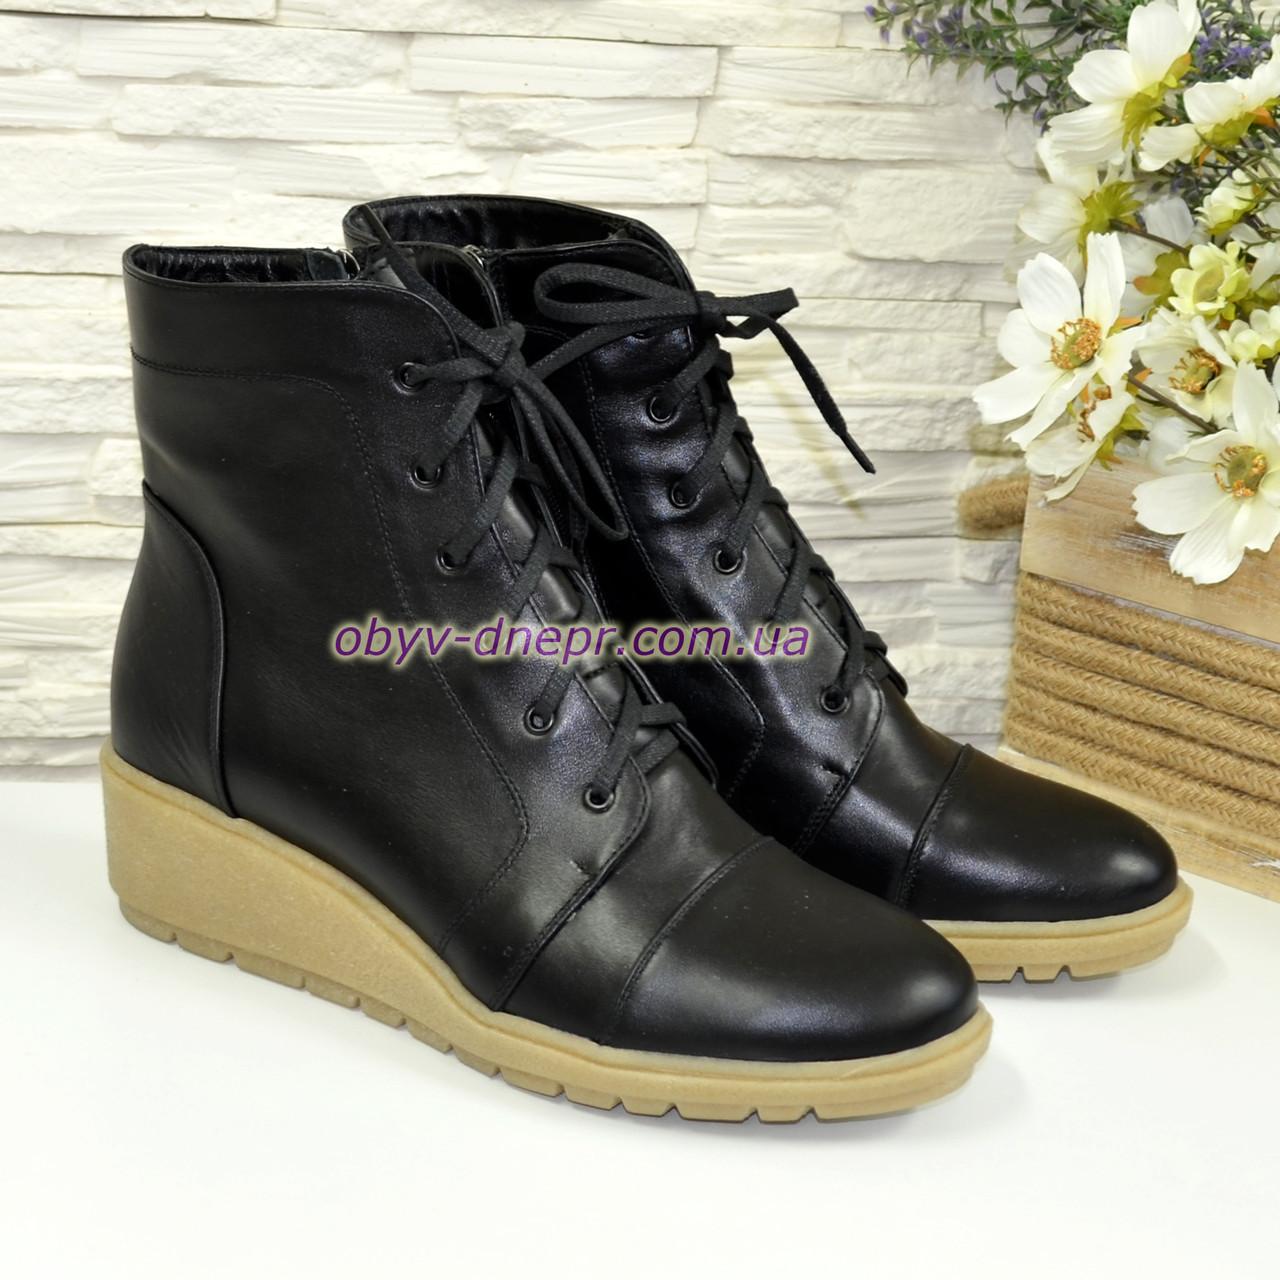 Ботинки женские зимние кожаные  на невысокой танкетке, на шнурках